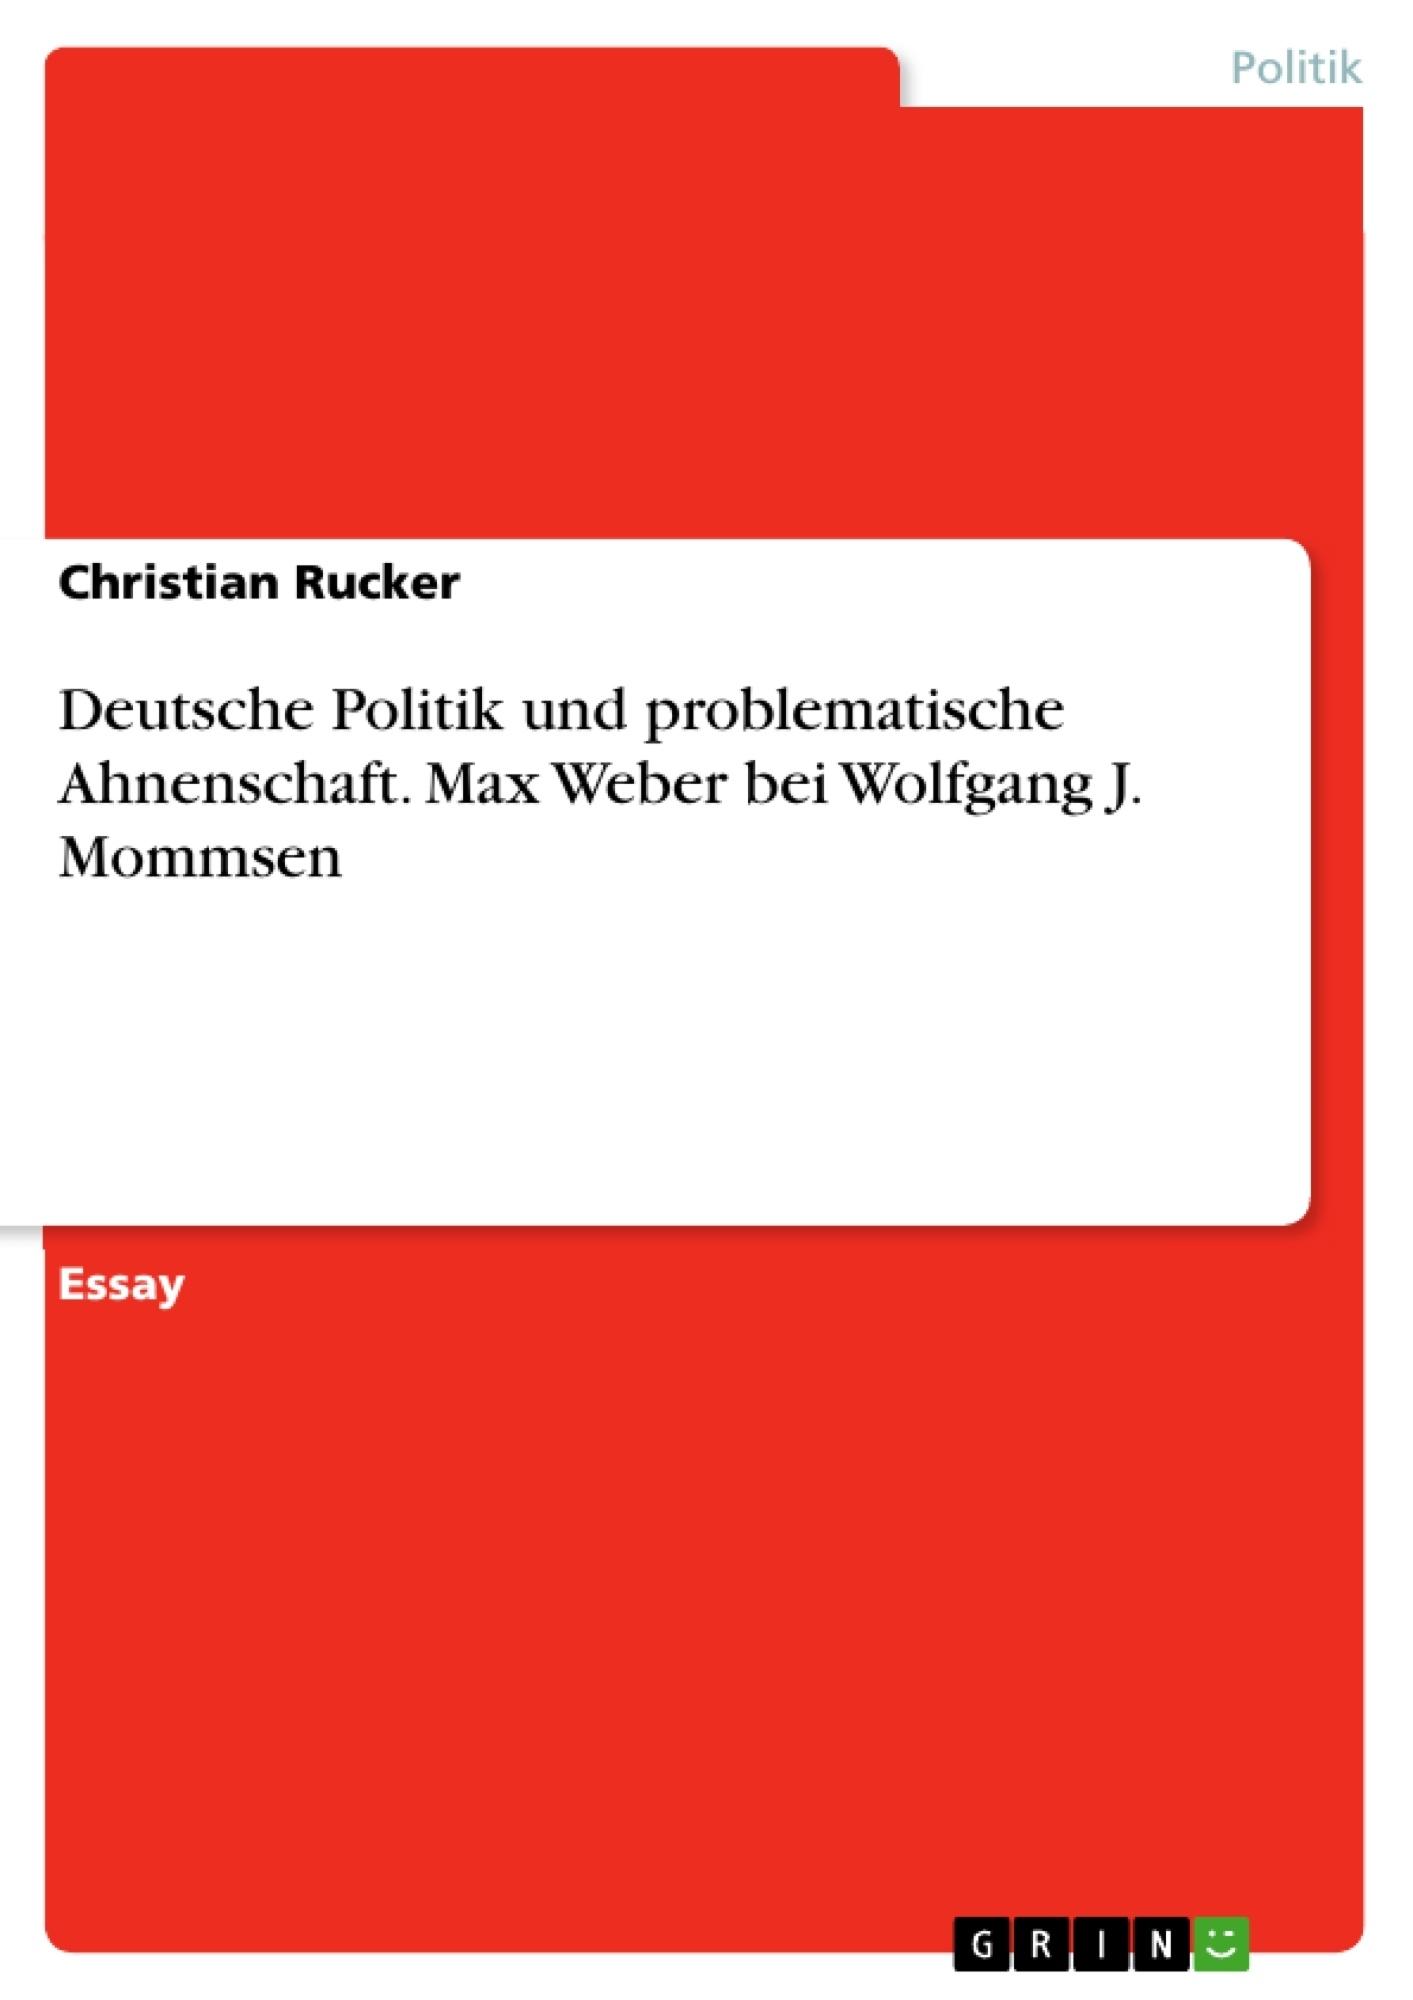 Titel: Deutsche Politik und problematische Ahnenschaft. Max Weber bei Wolfgang J. Mommsen